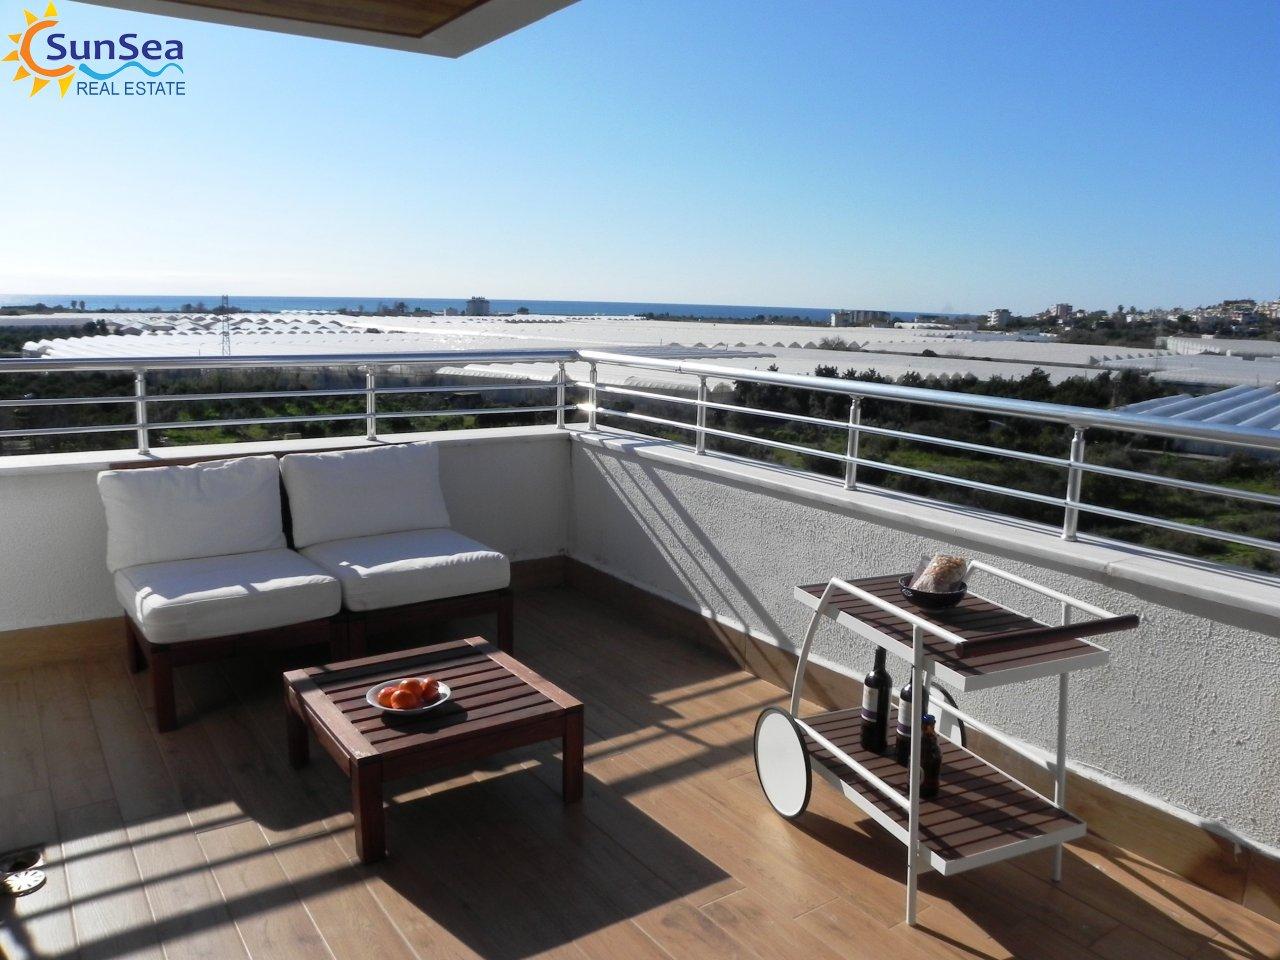 Alanya fortuna resort roof terrace